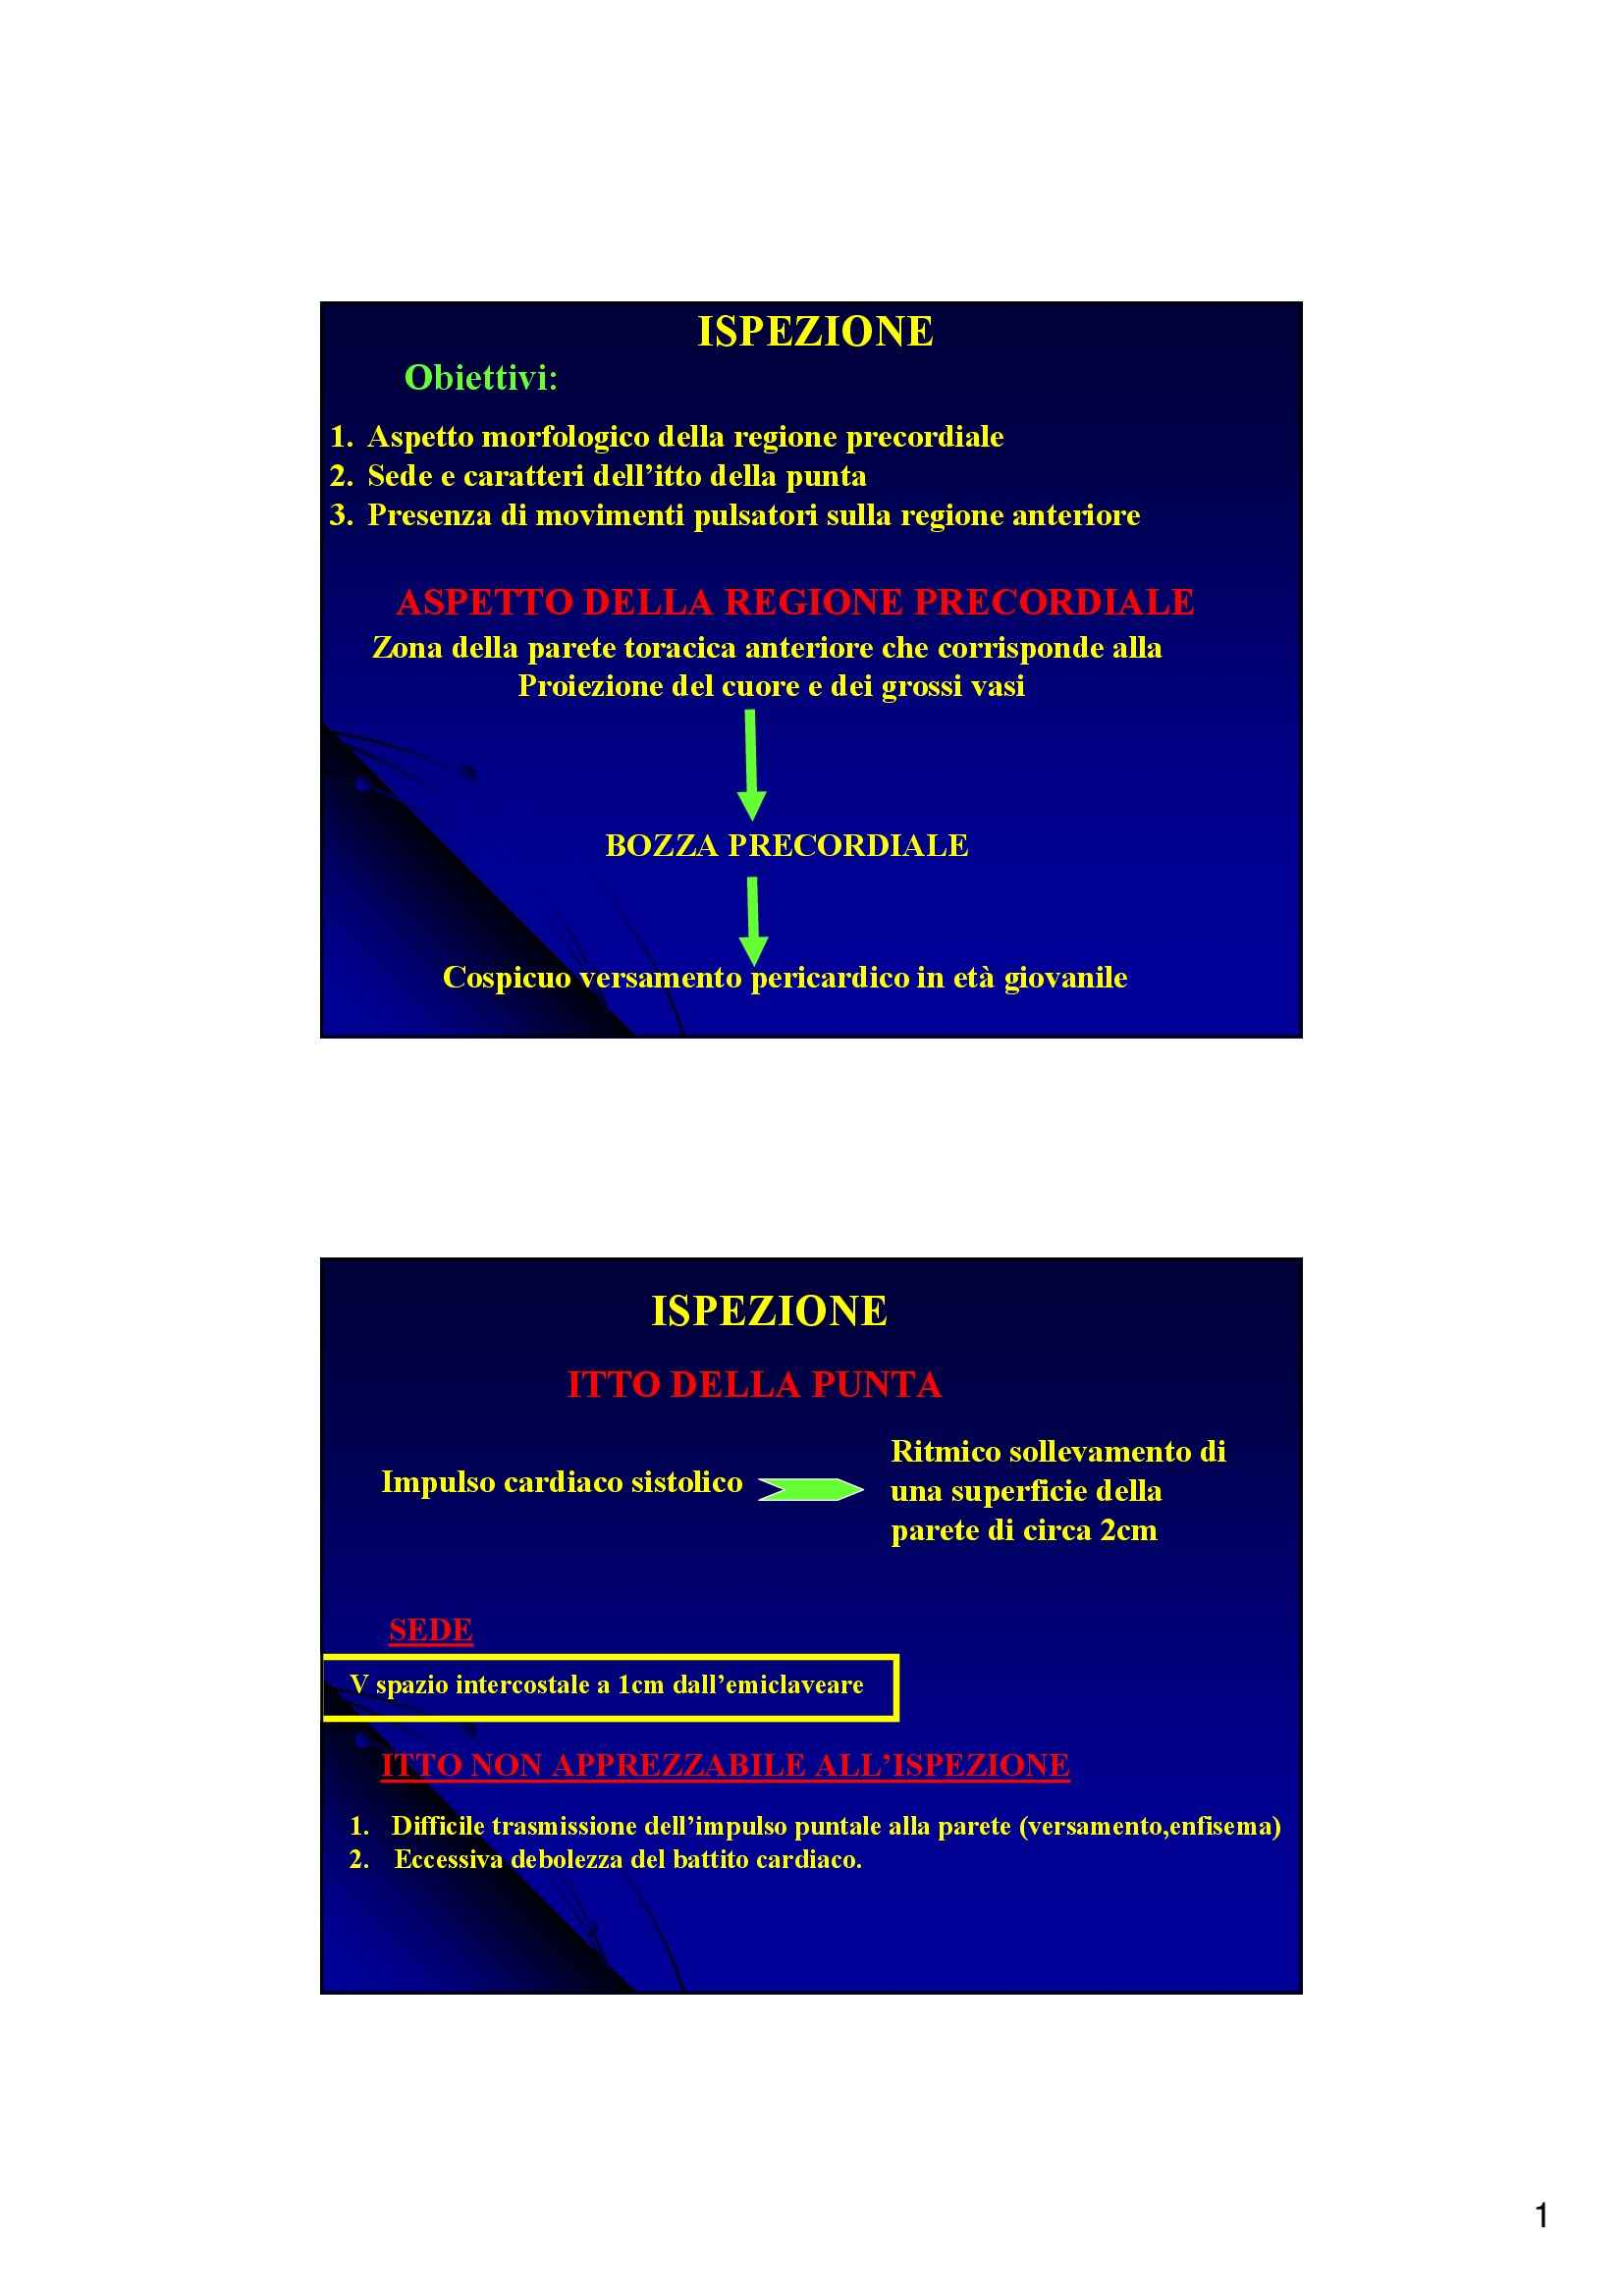 Semeiotica Cardiovascolare